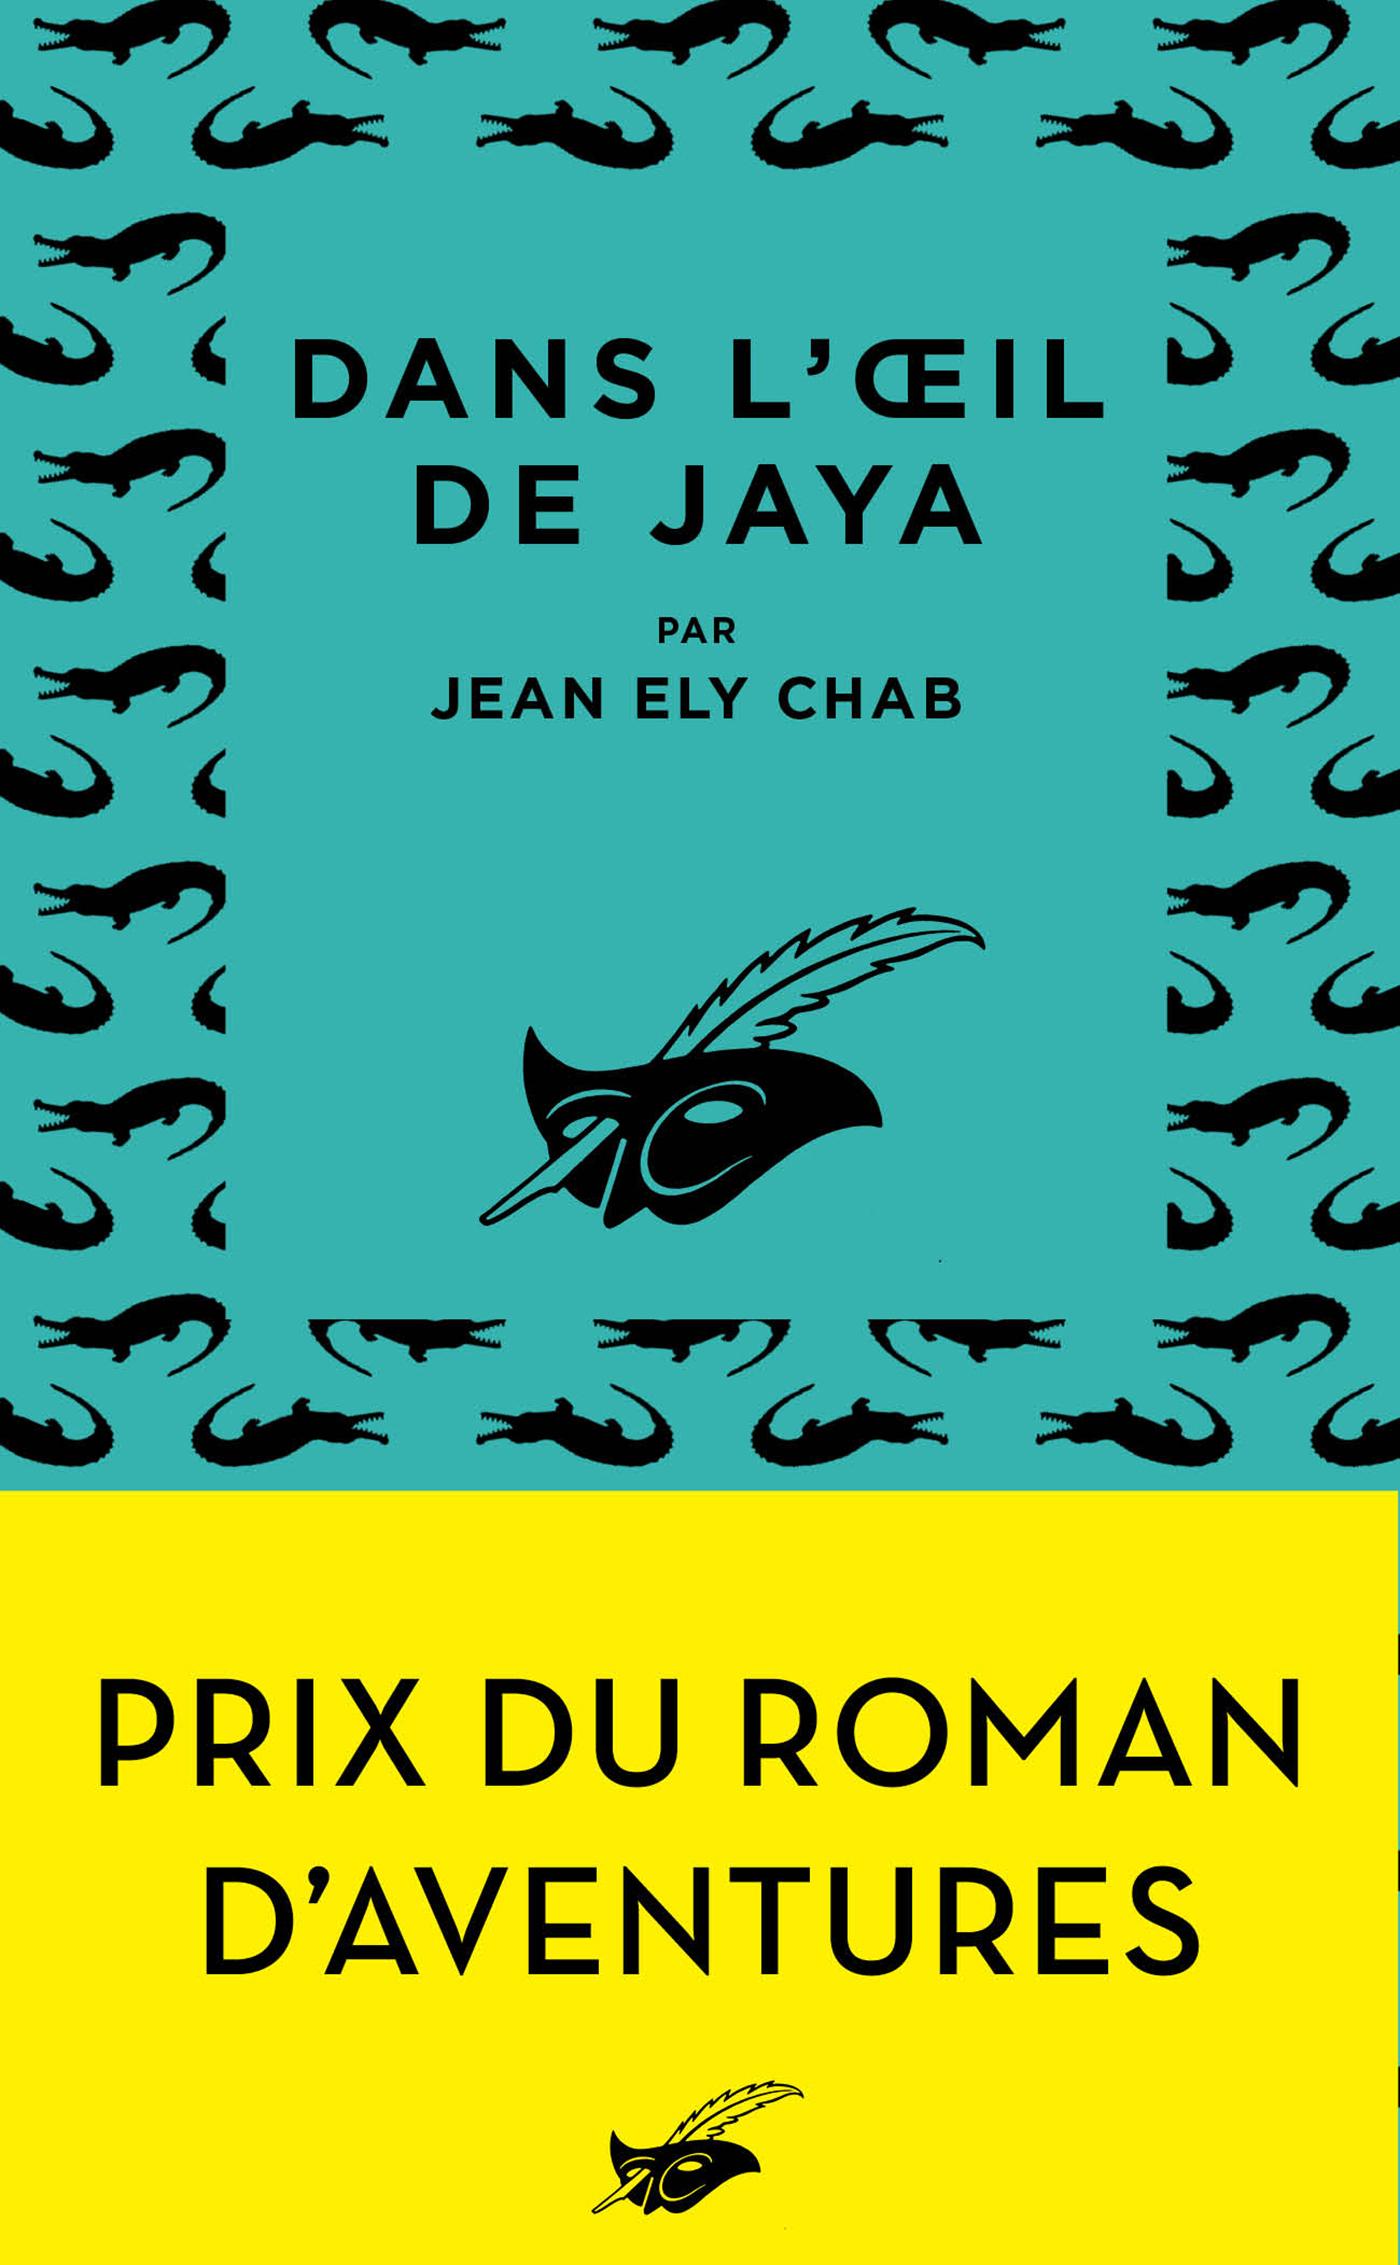 DANS L'OEIL DE JAYA - PRIX DU ROMAN D'AVENTURES 2019